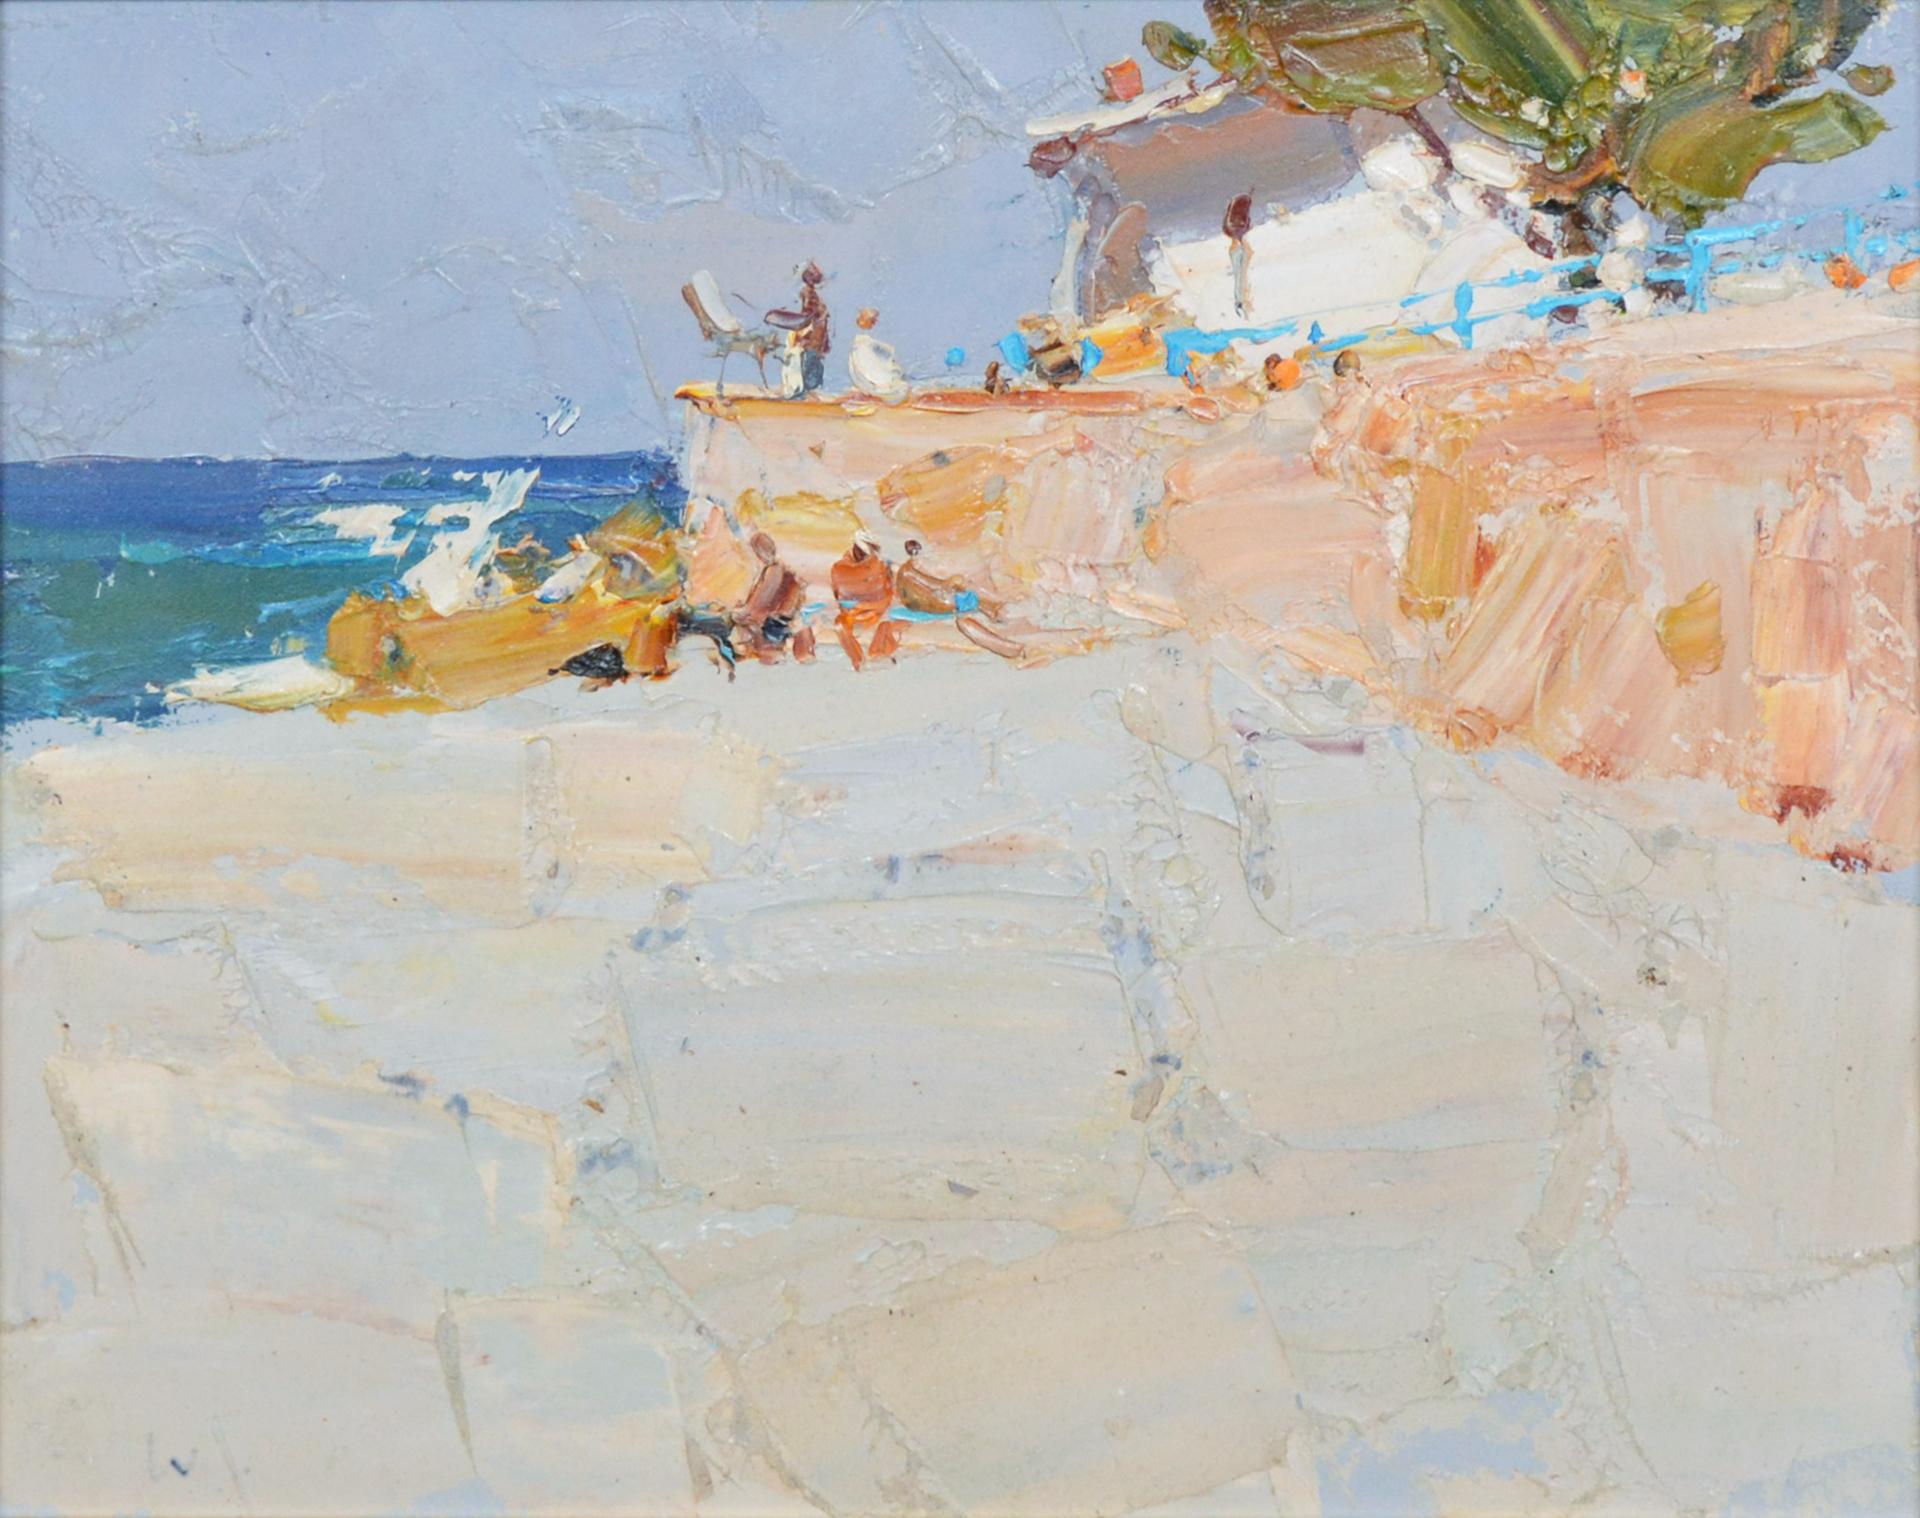 The Beach by Daniil Volkov